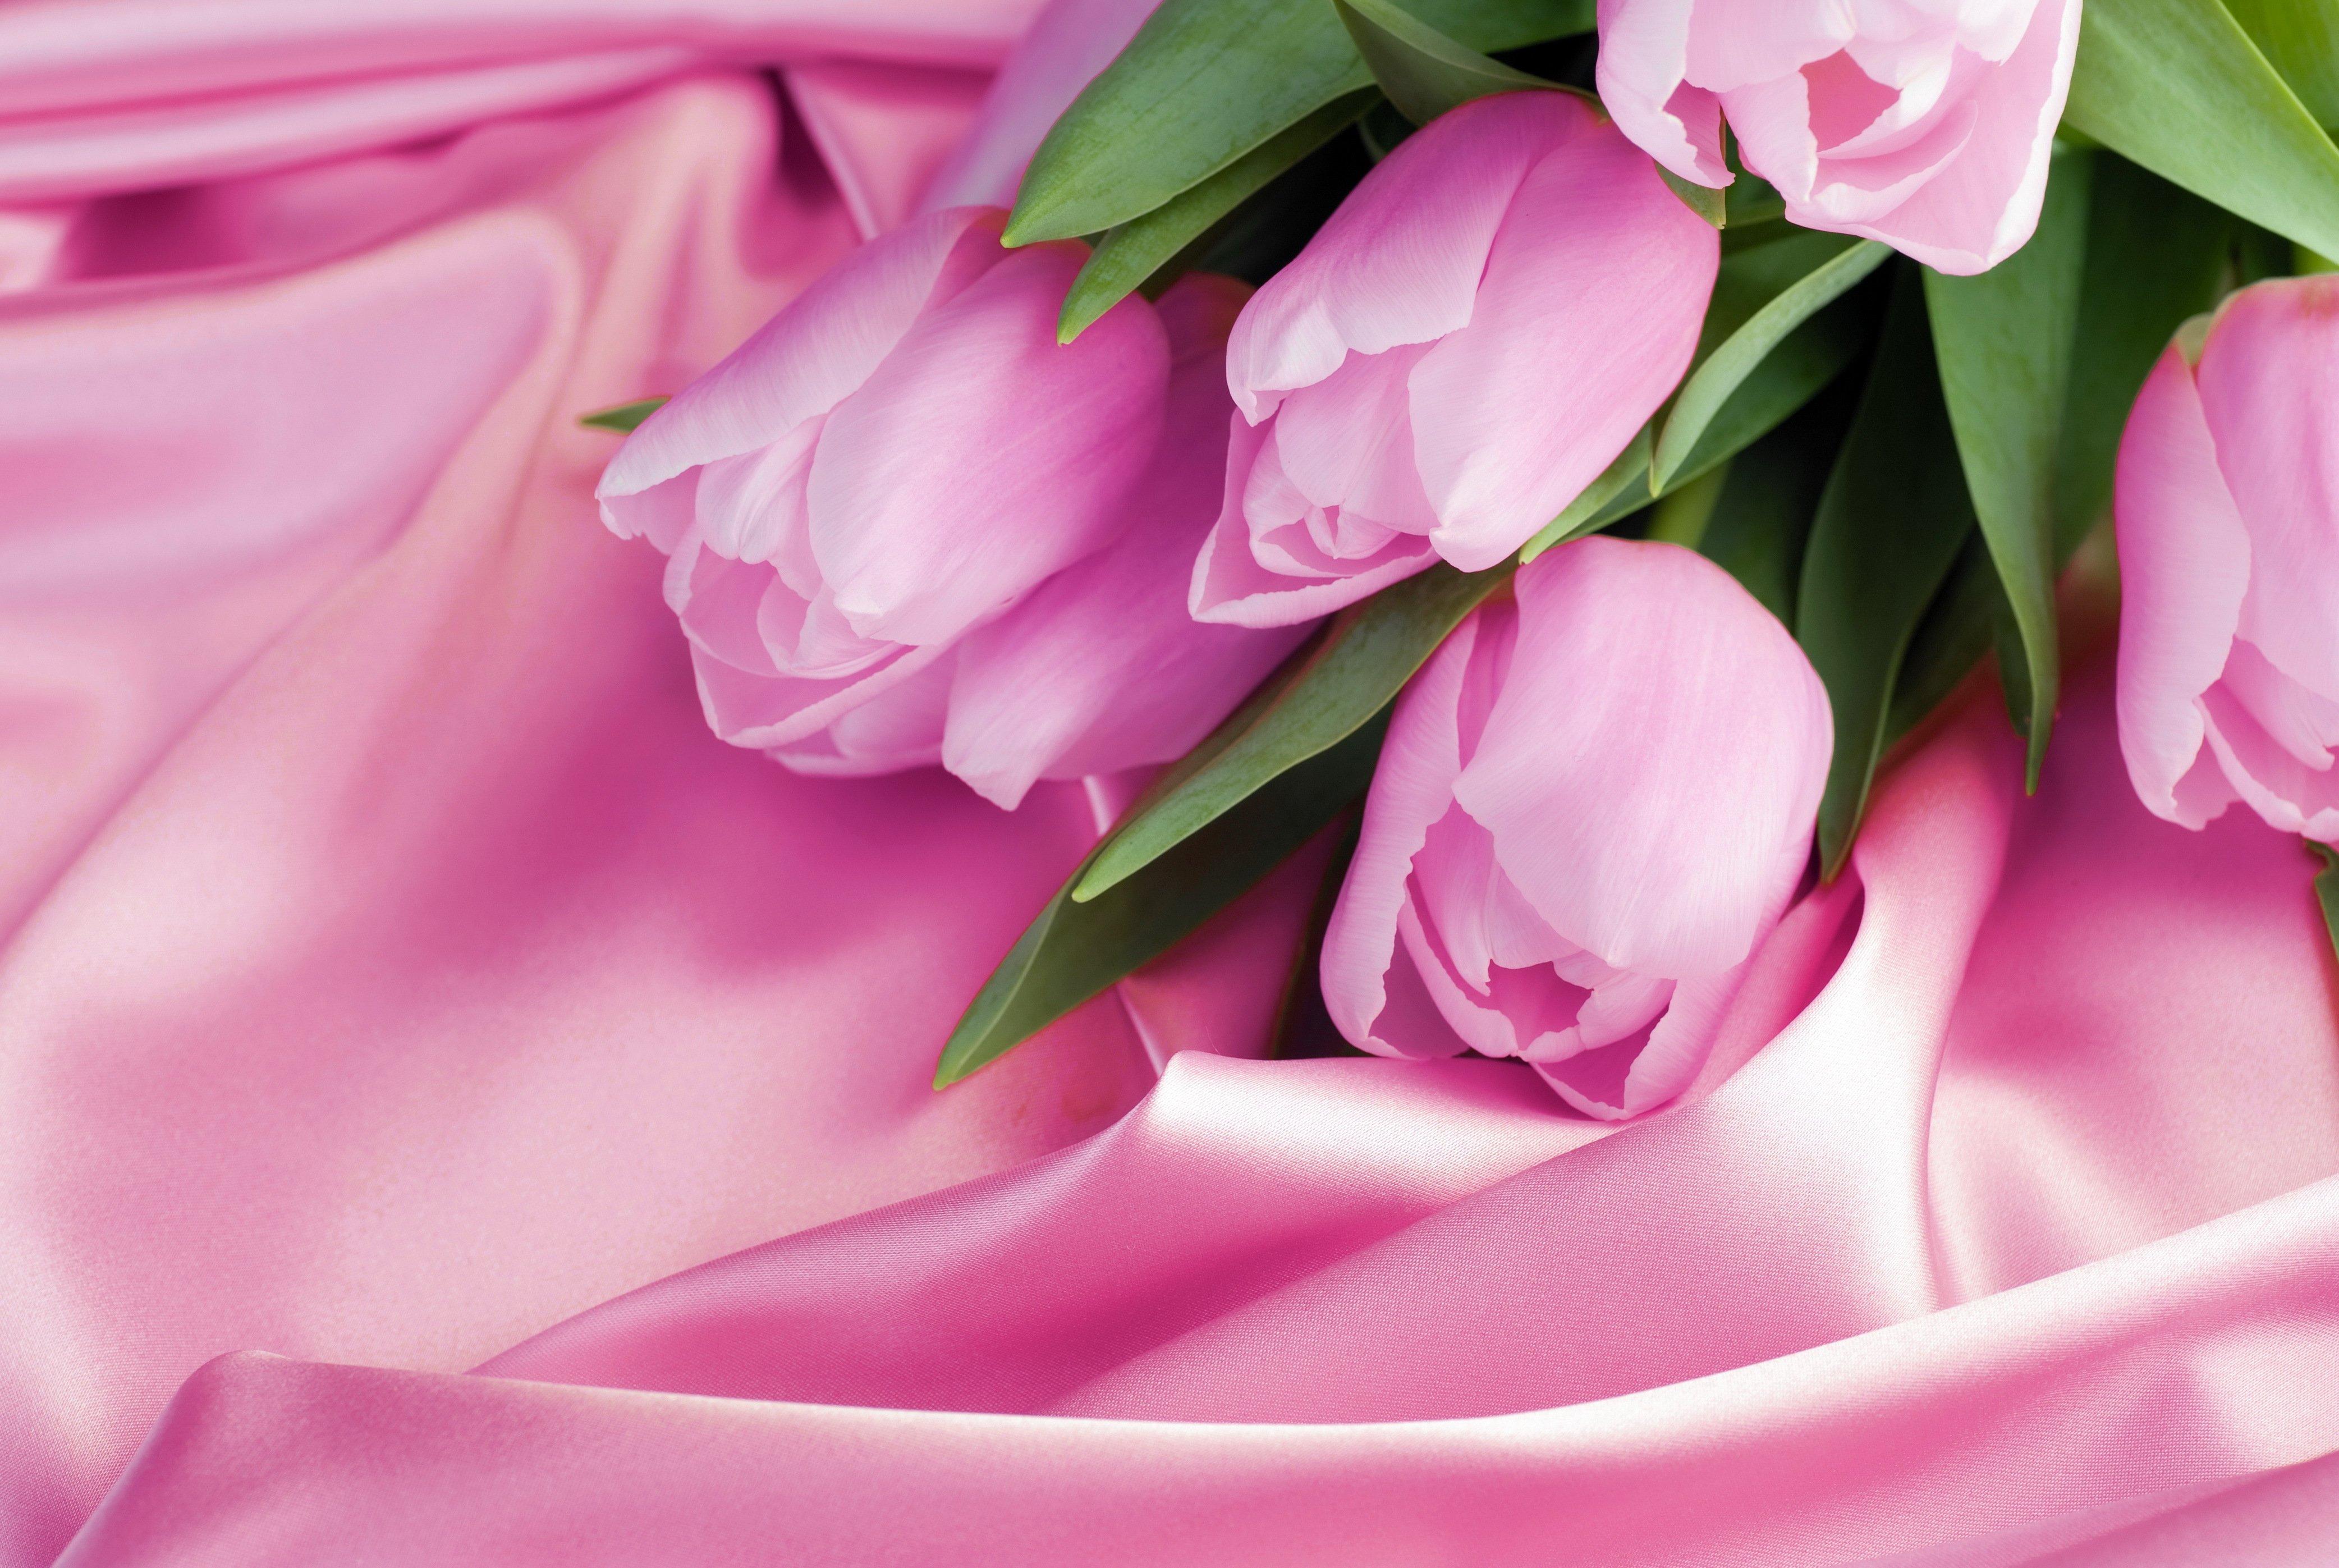 Бесплатные картинки на рабочий стол только тюльпаны 6